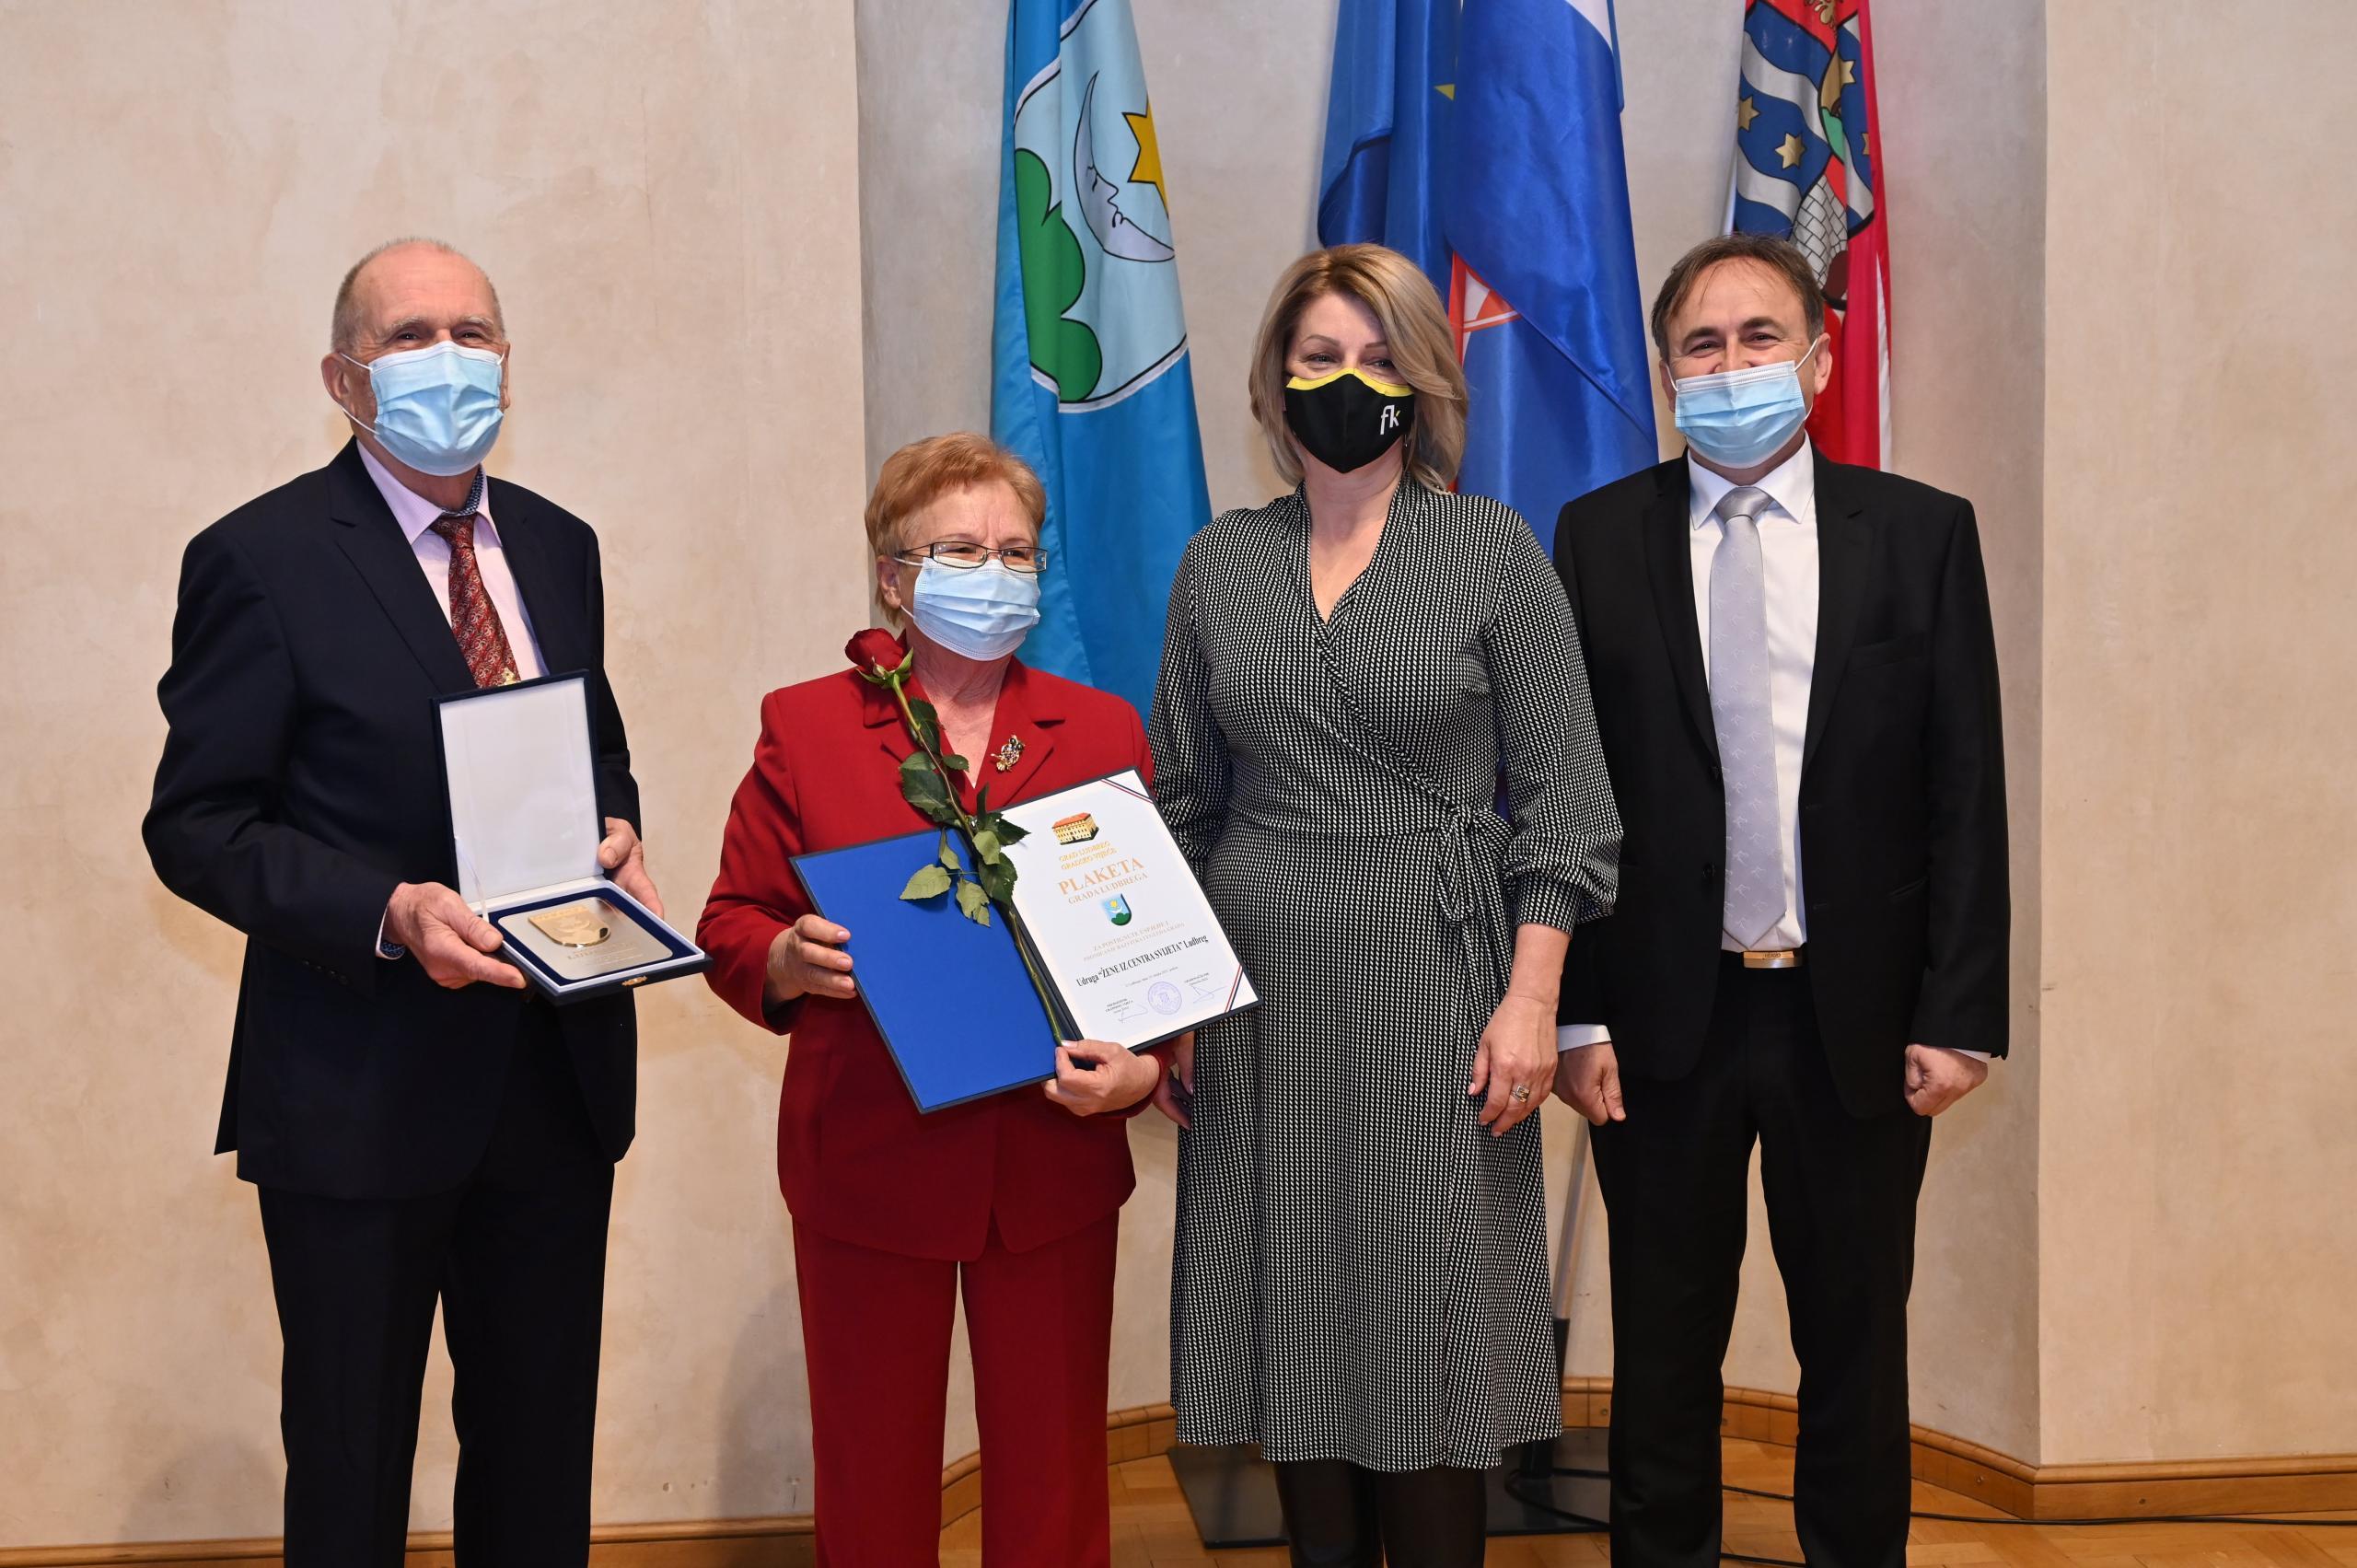 Nagrad je uručena Franciski Schubert čijom je inicijativom udruga osnovana